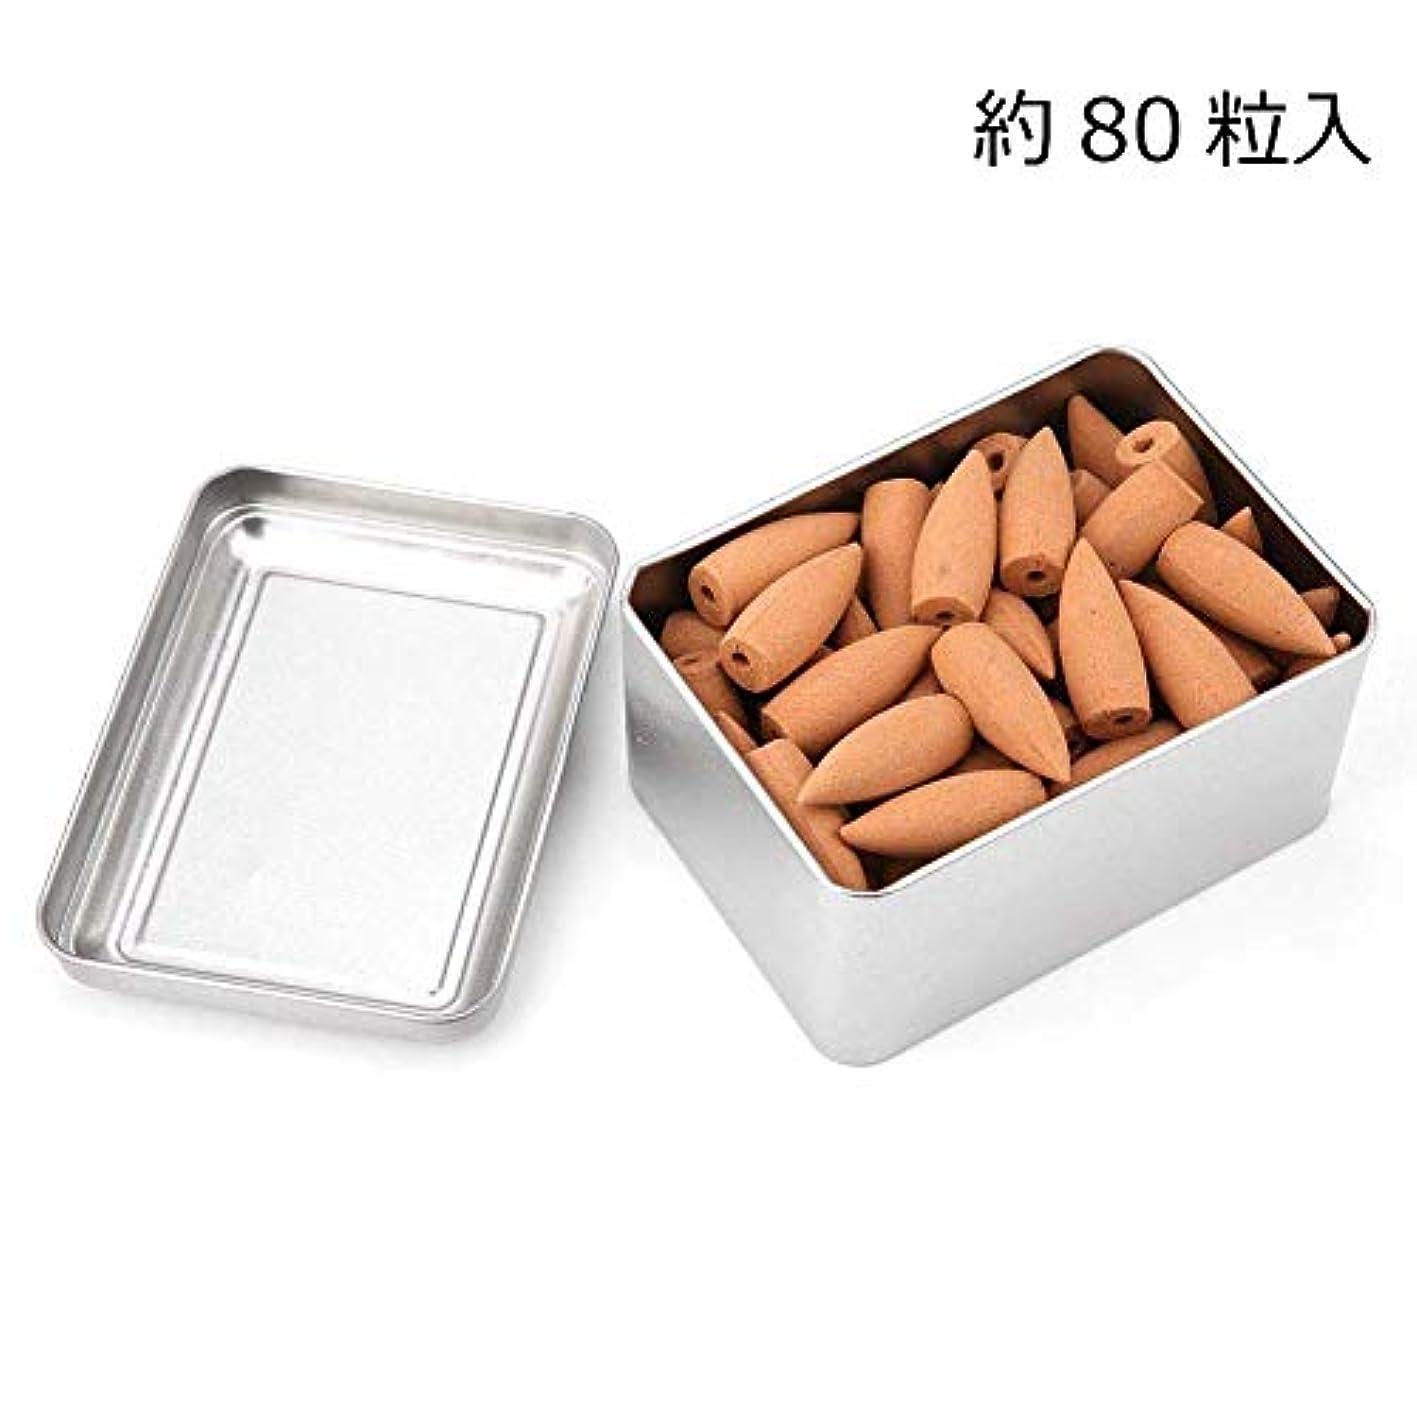 補助価格フォロー逆流香 お香 手作り白檀 倒流香 不思議なお香 香り 空間浄化 円錐形 80粒入